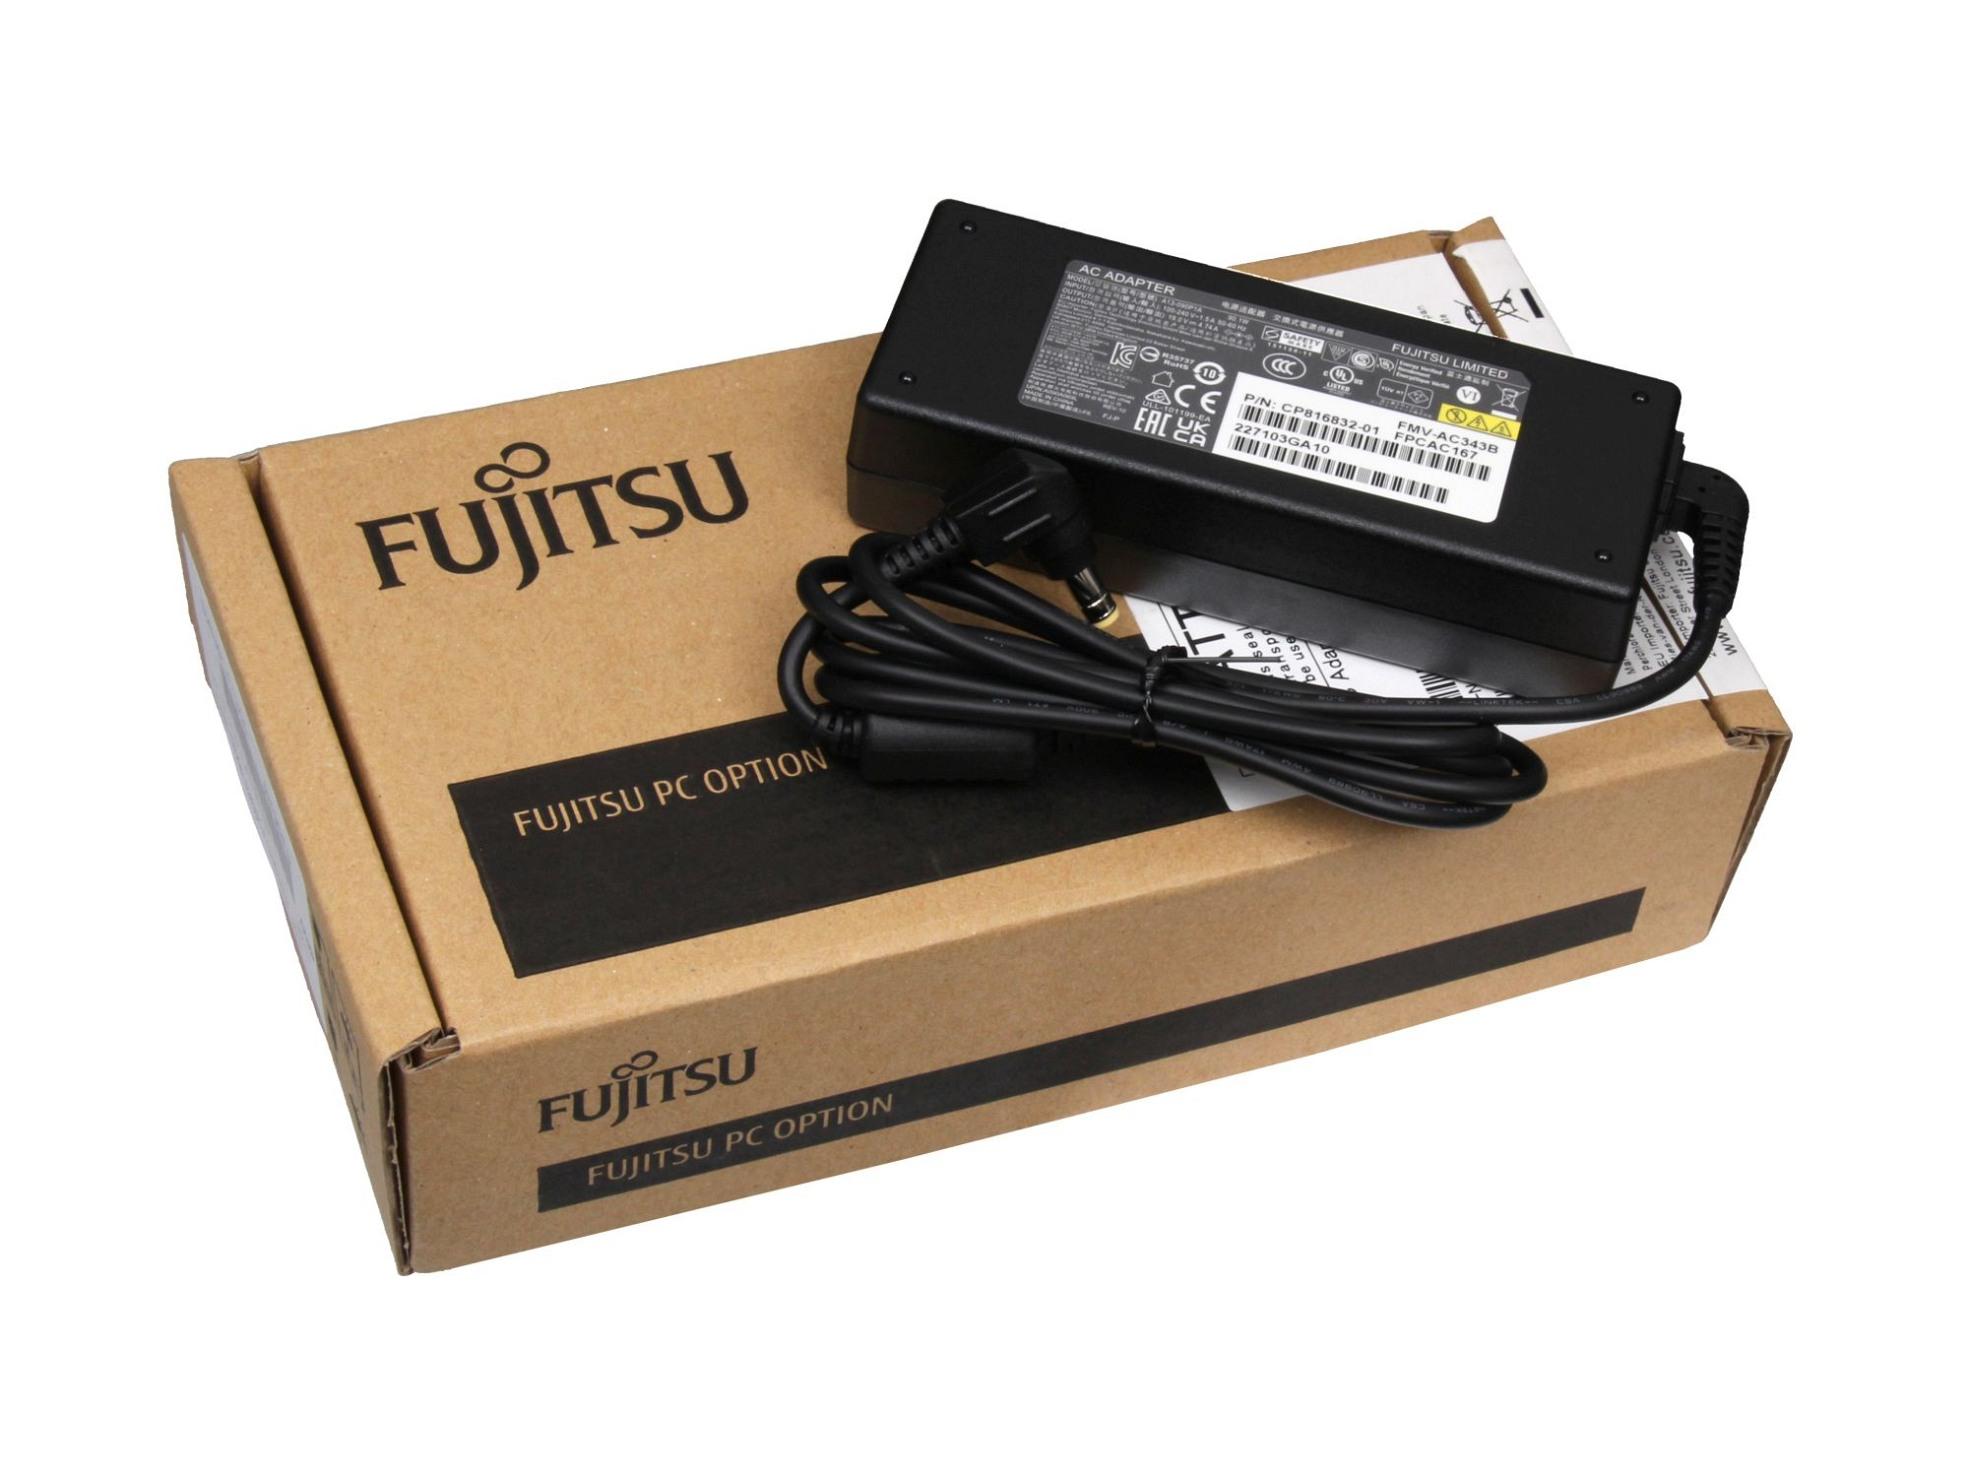 Netzteil Fujitsu Amilo Li-3910 Reg.No. EF9